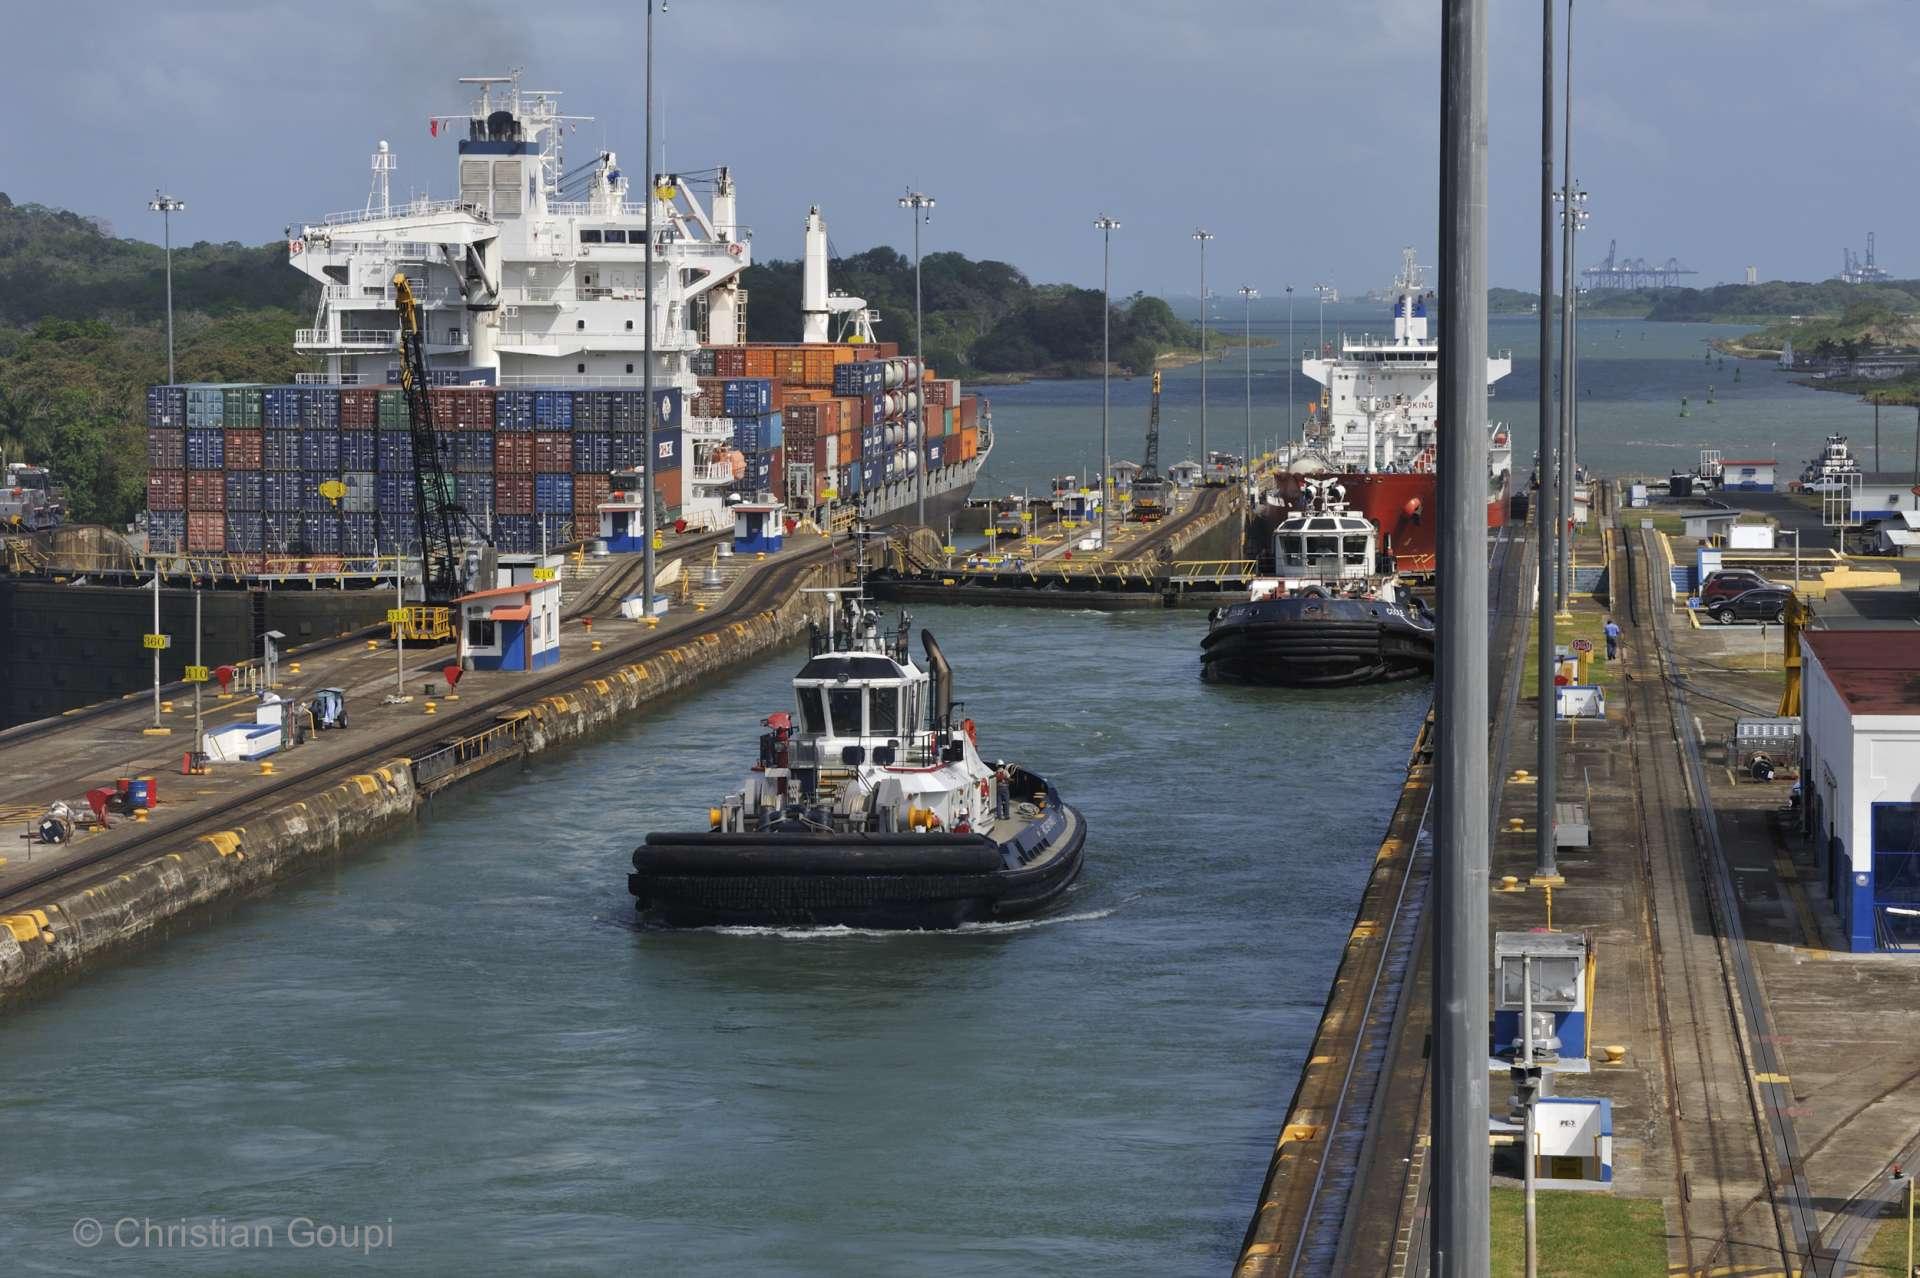 Panama - Un cargo passant les écluses de Gatun, sur le canal de Panama.